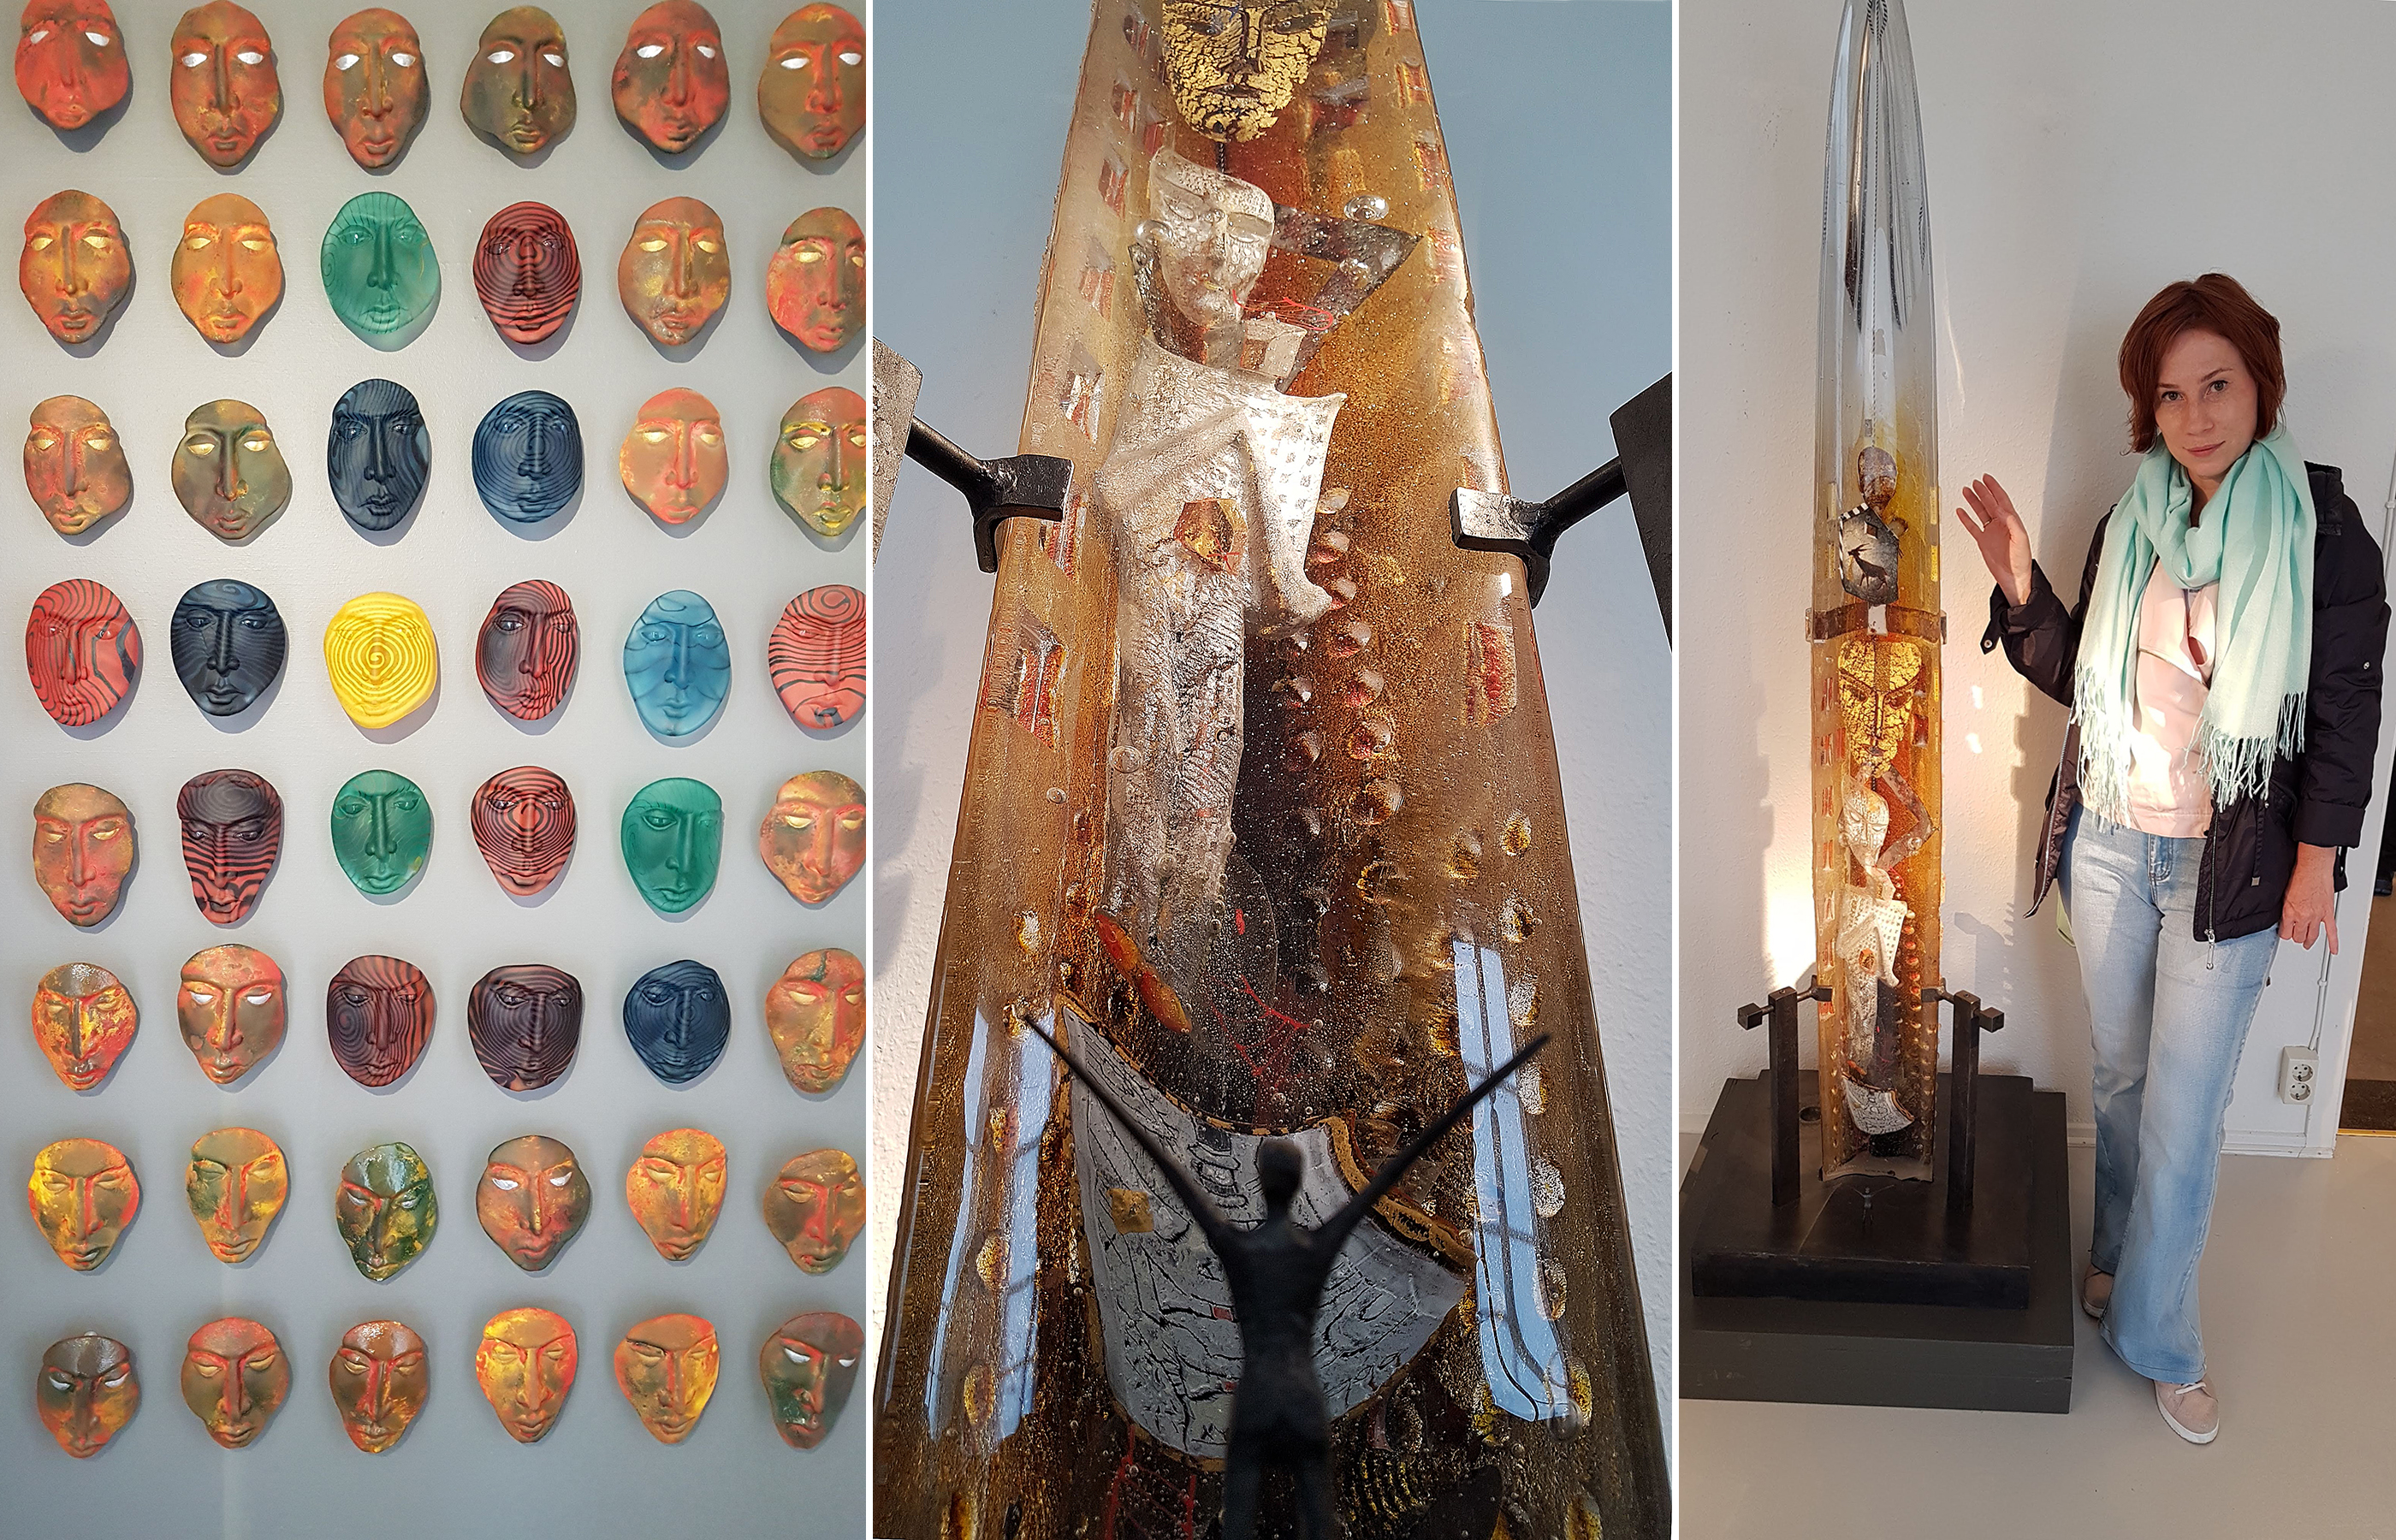 Авторские произведения из стекла в галерее Kosta Boda